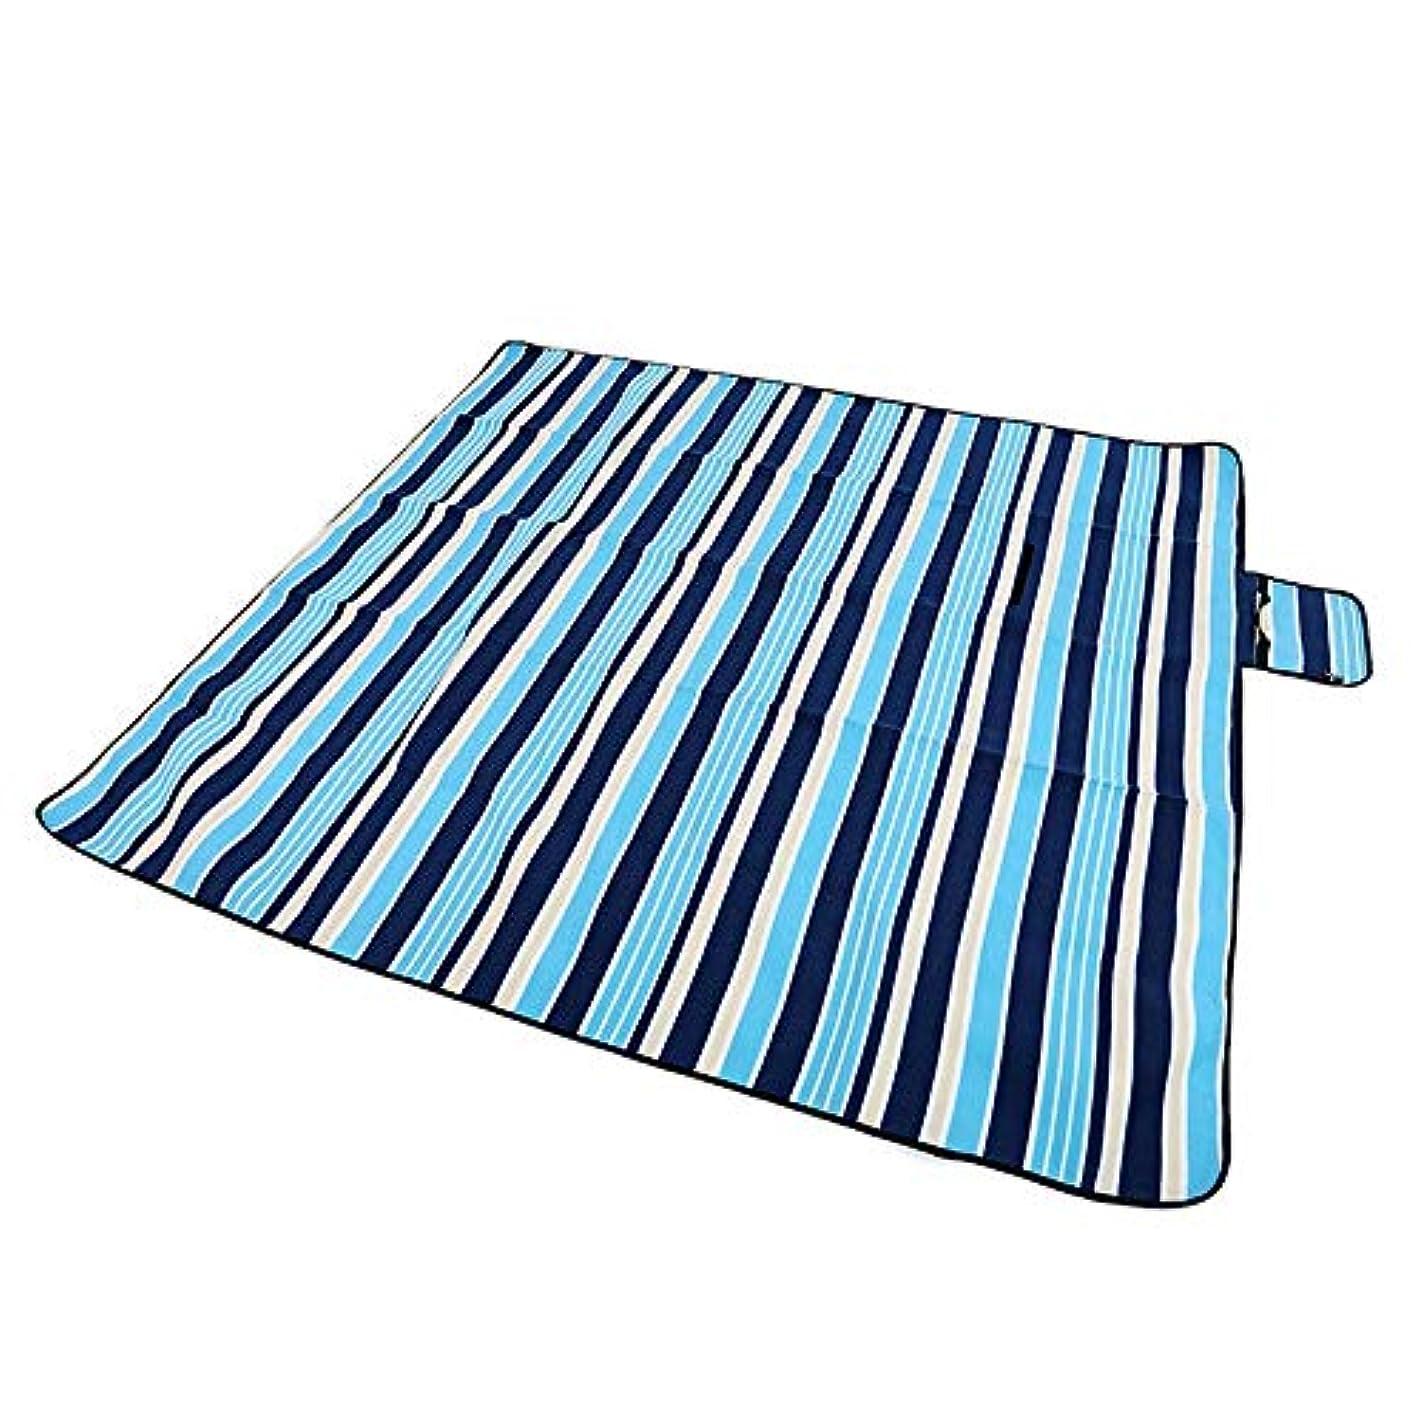 ポークナチュラル区別折りたたみキャンプマット毛布 大型屋外ピクニック毛布マットべと病耐性防水ビーチマット敷物キャンプマットグラウンドグラスブランケット150×200センチ レジャーシート防水薄型 (色 : Blue Stripe, サイズ : 150 x 200 cm)